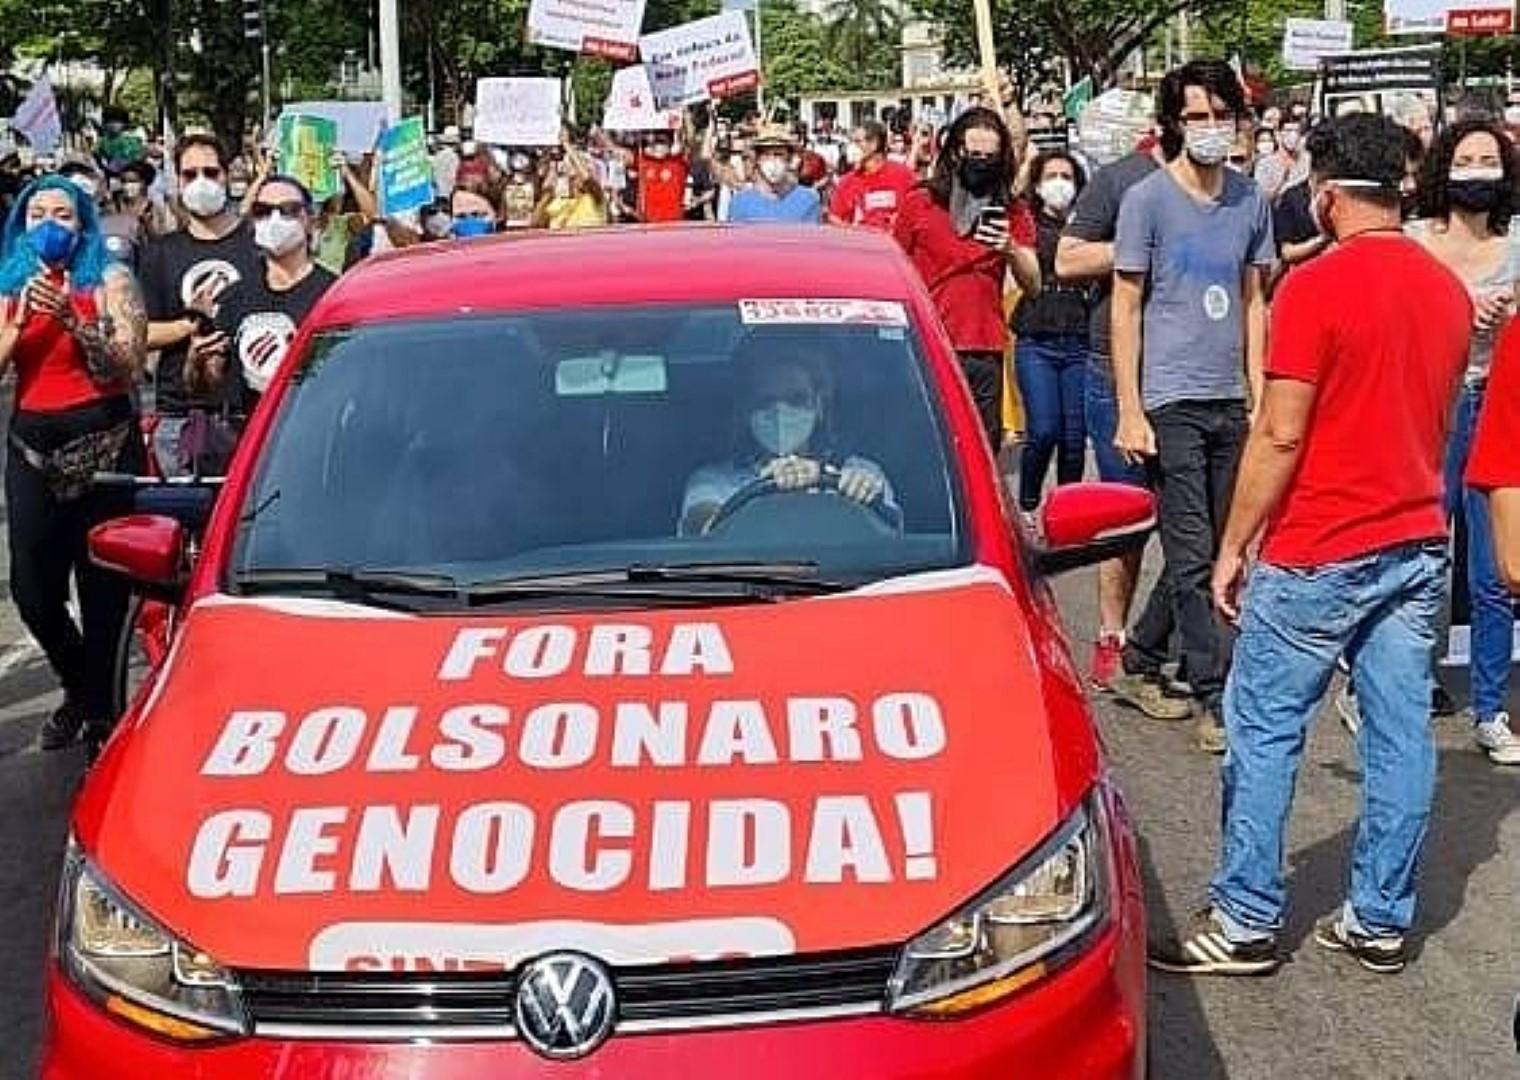 IMAGEM: PM que prendeu professor por 'Bolsonaro genocida' é afastado da corporação